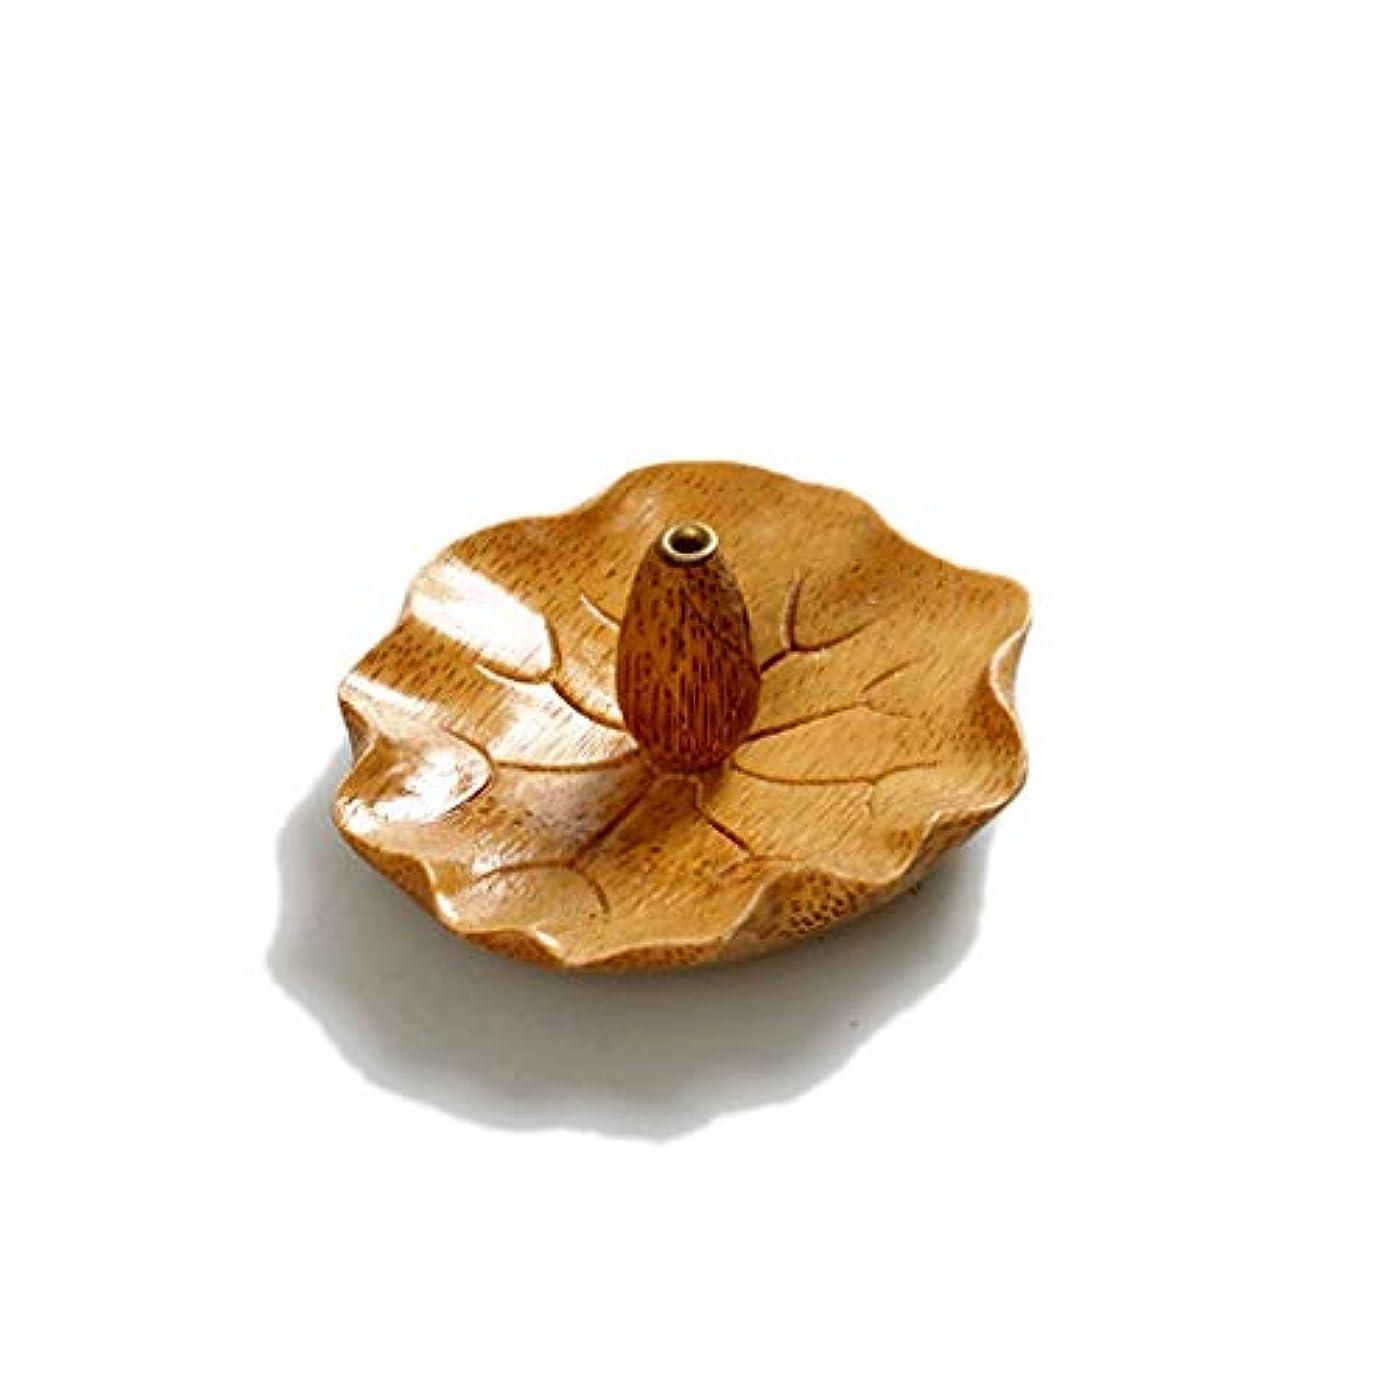 罪悪感みすぼらしい粒子クリエイティブ竹香ホルダー瞑想香バーナー手作りの葉形の家の装飾香スティックコーンバーナーホルダー (Color : C)